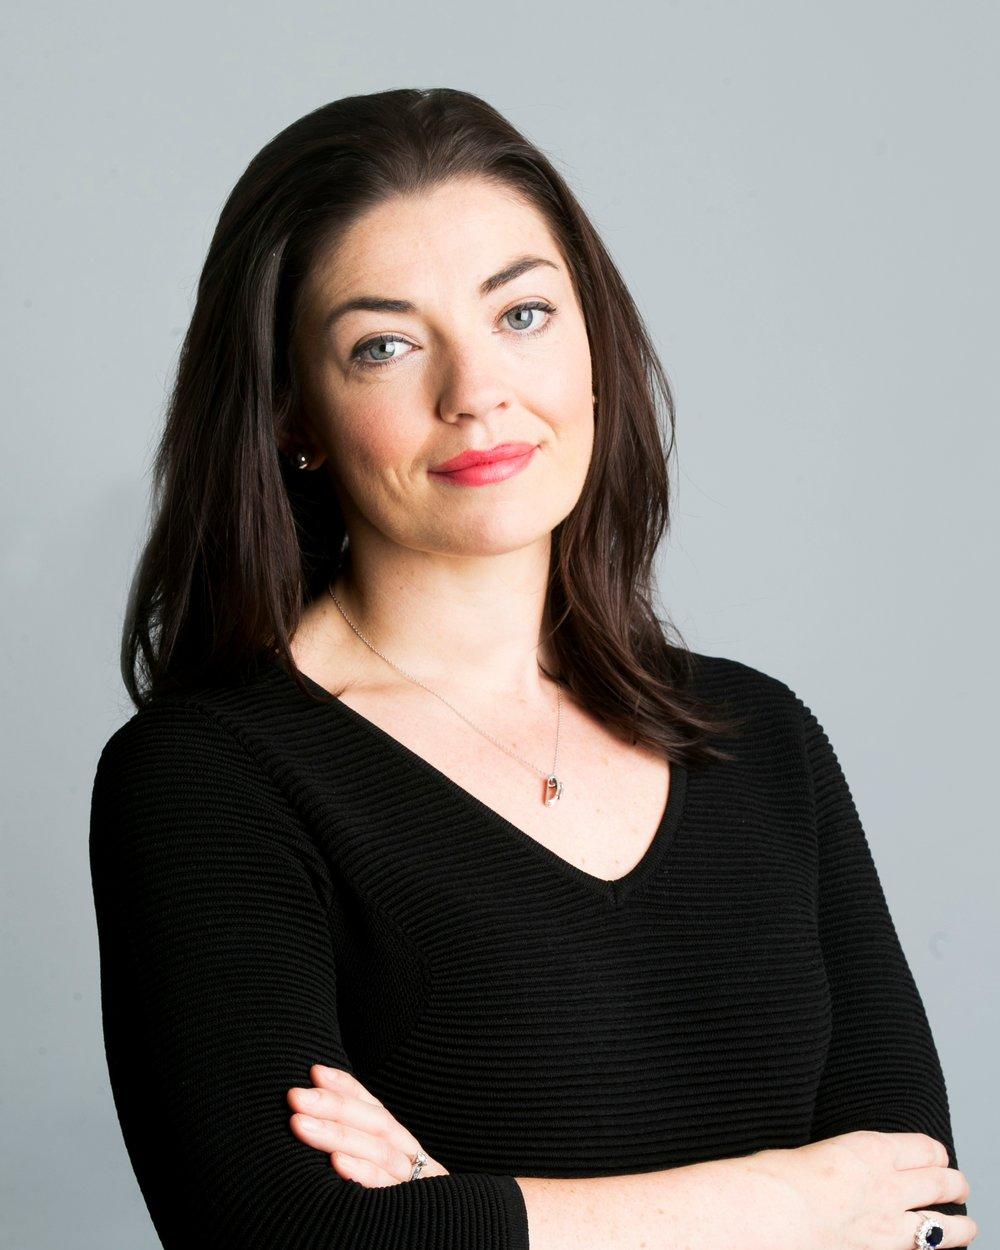 Laura Dwyer